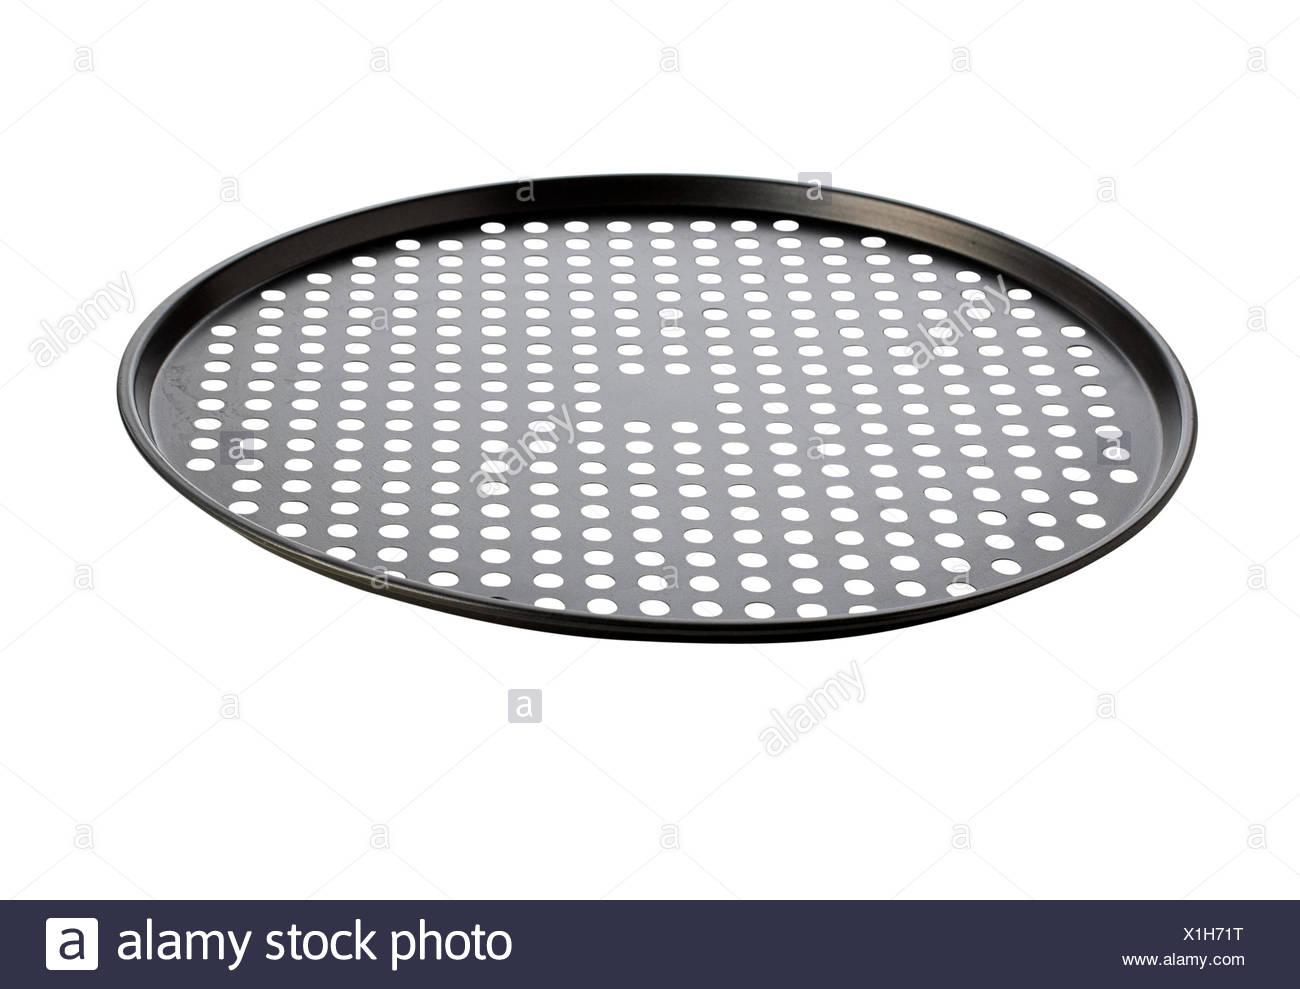 Pizza tray - Stock Image